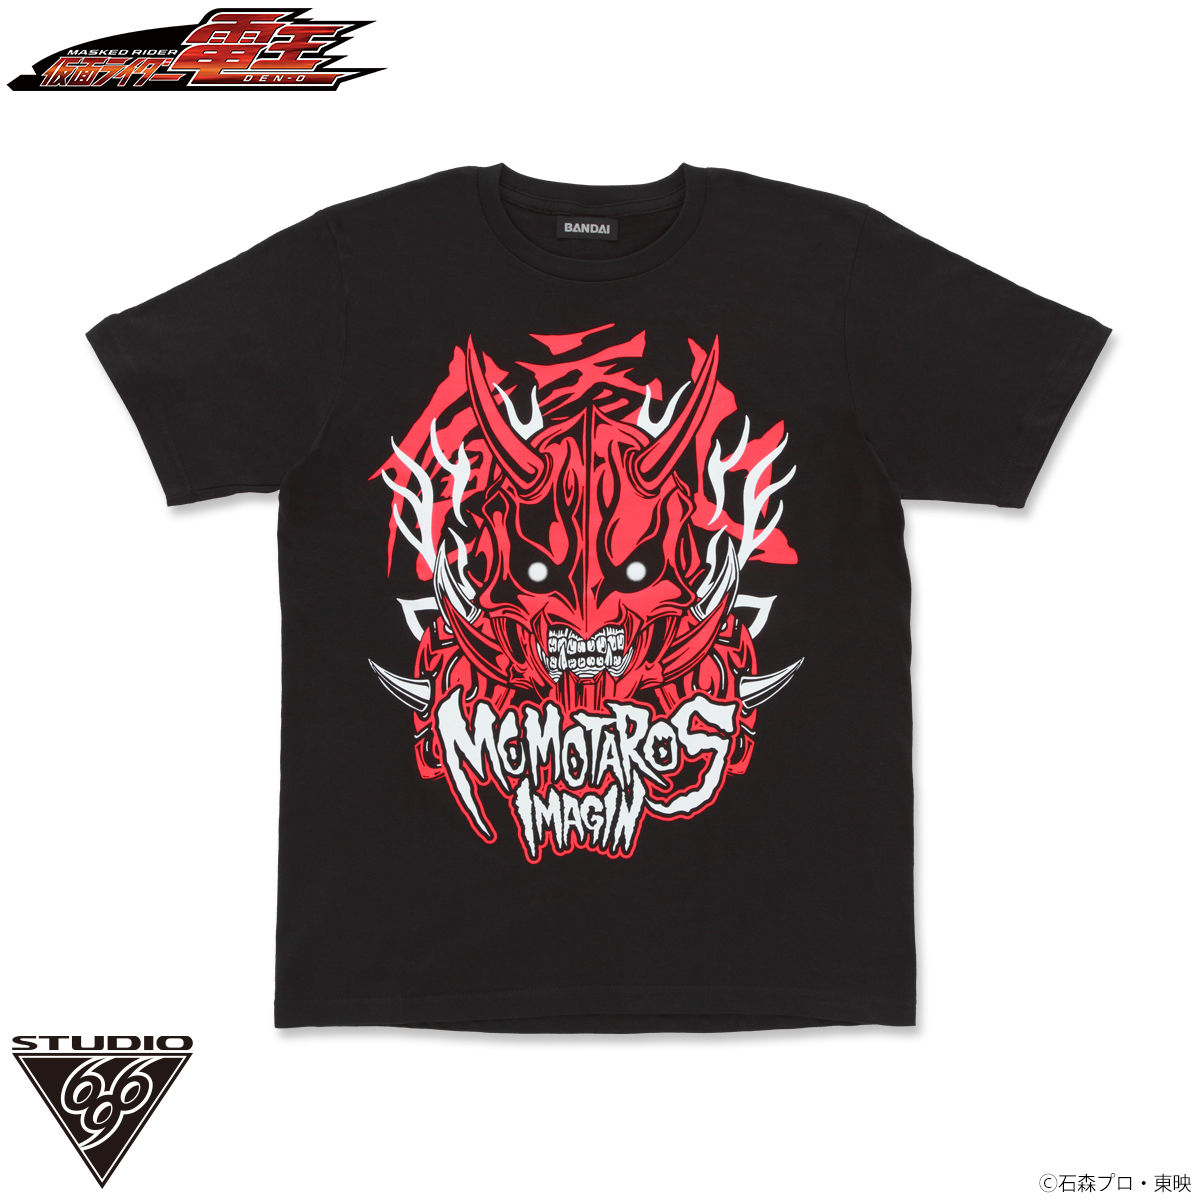 Momotaros feat. STUDIO696 T-shirt